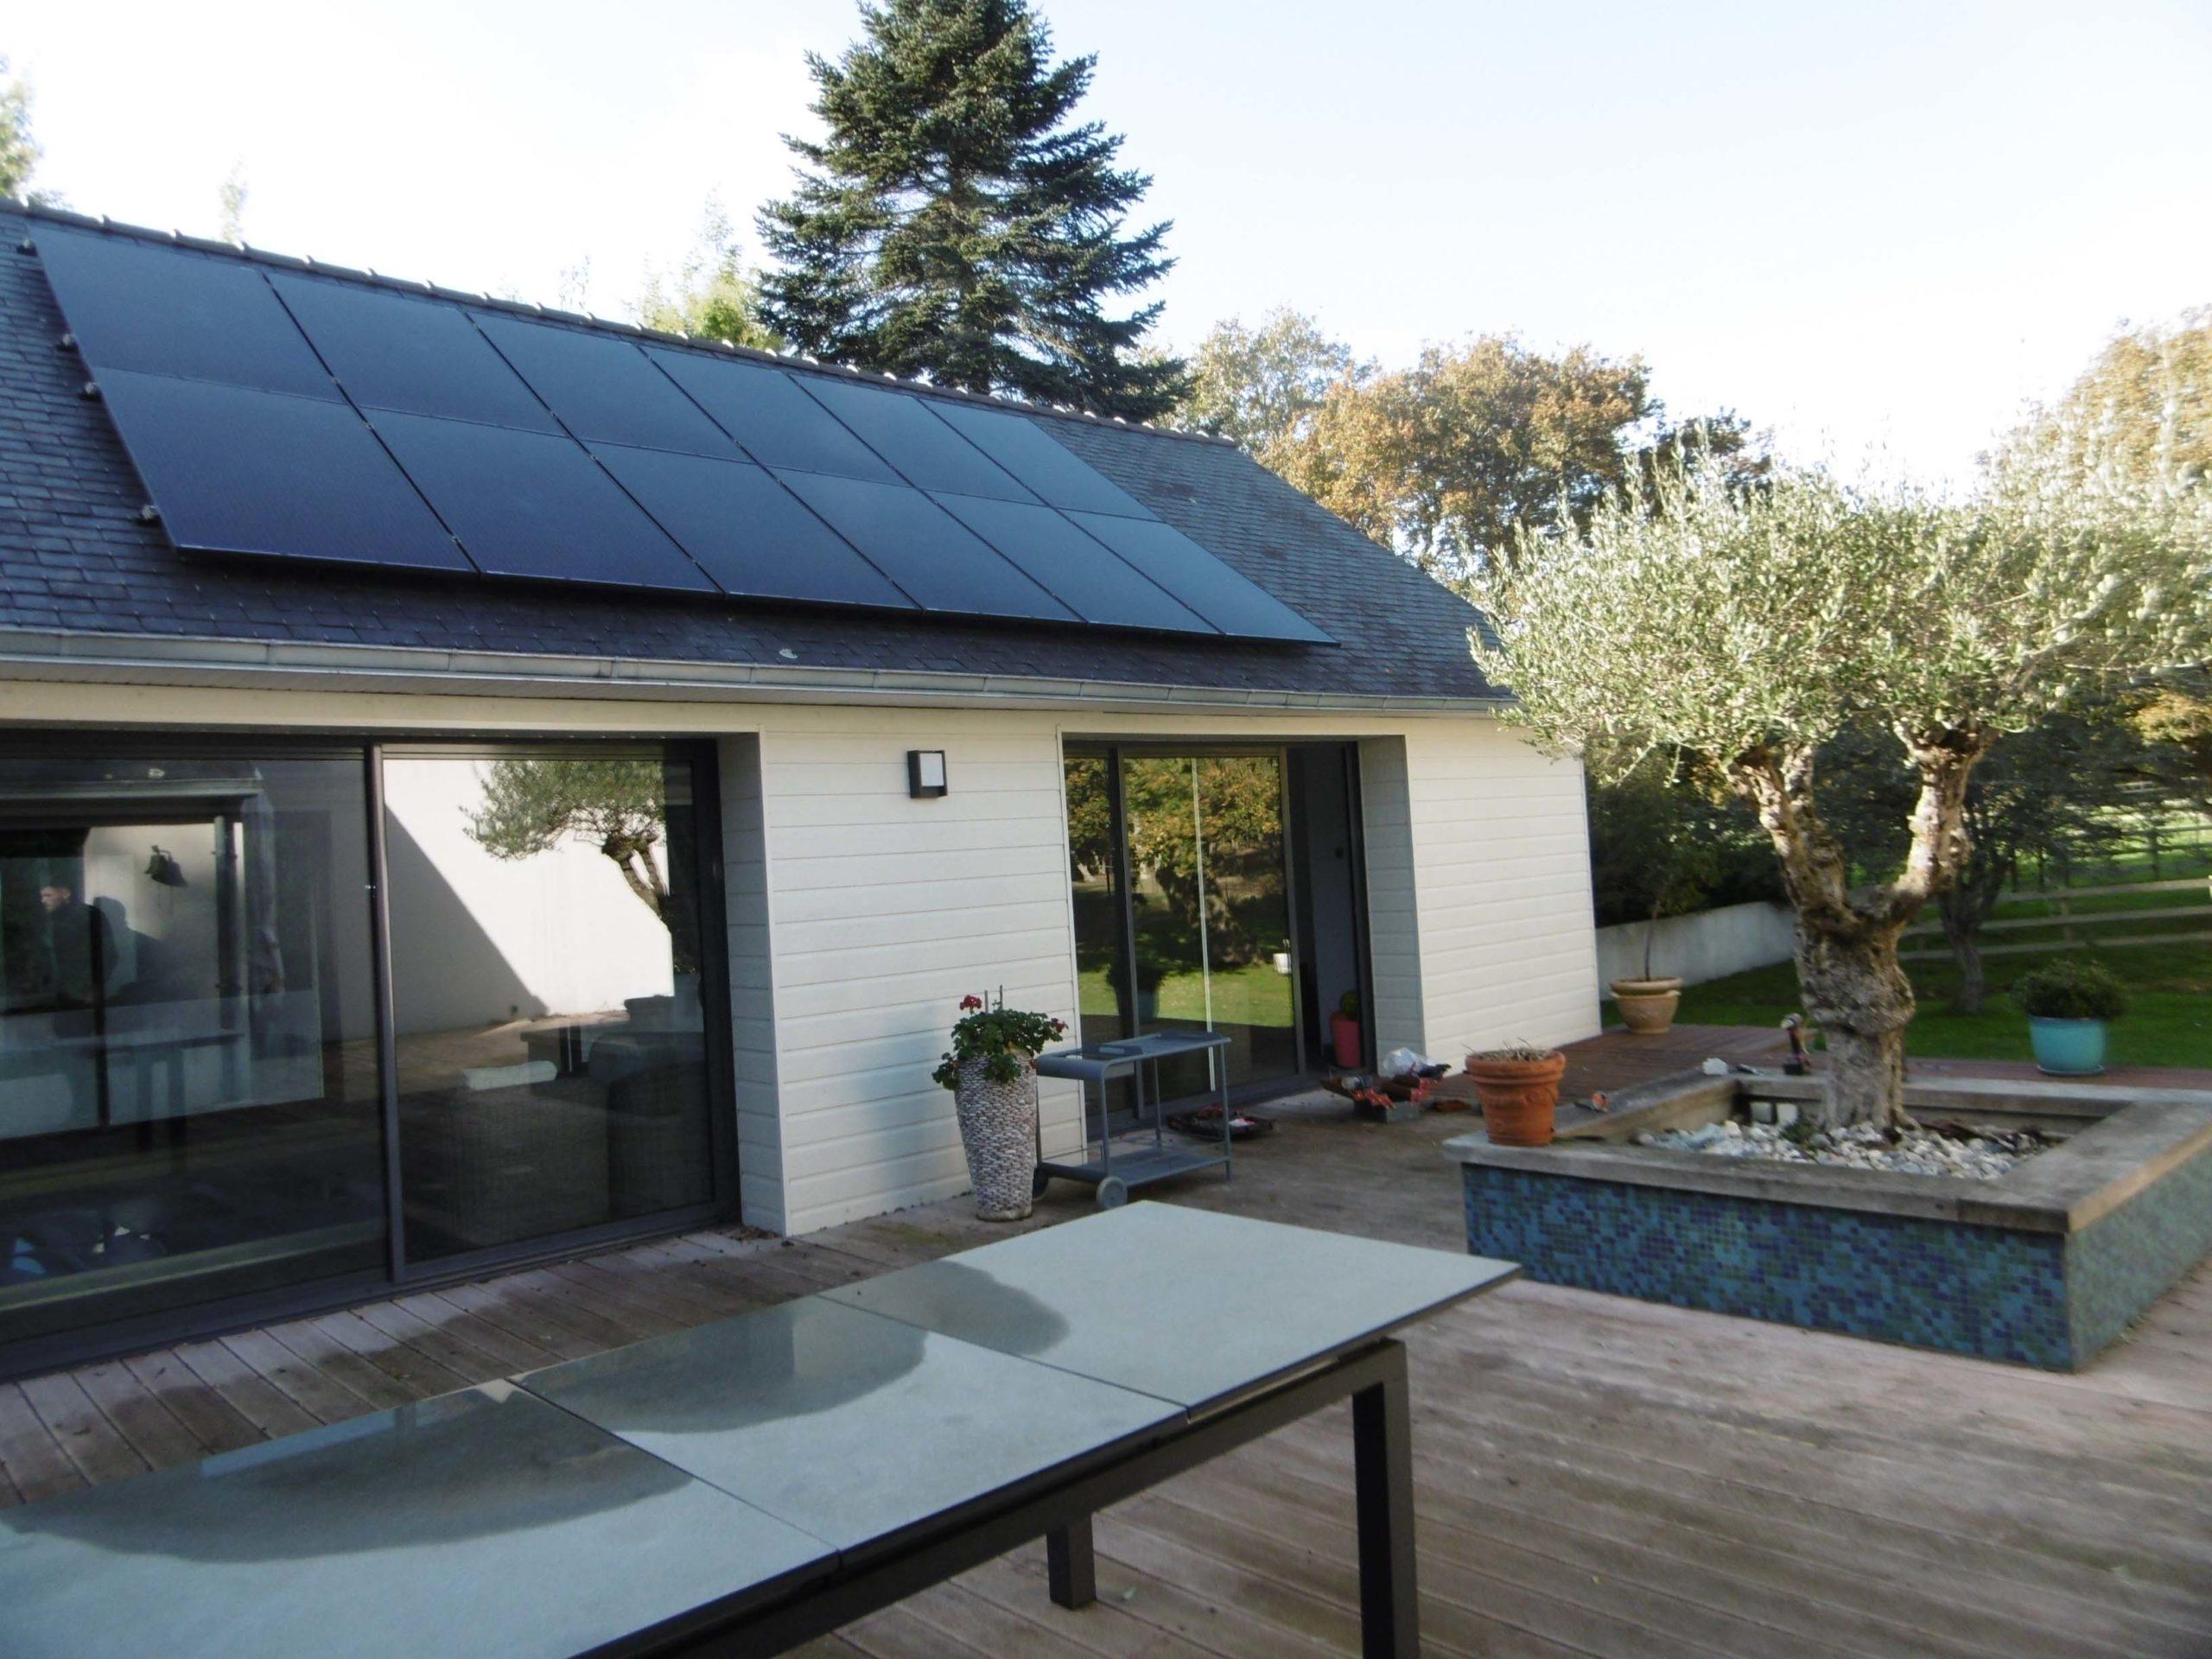 BBS installateur solaire a réalisé ce chantier d'une puissance de 8.7Kw en autoconsommation à Plobannalec-Lesconil